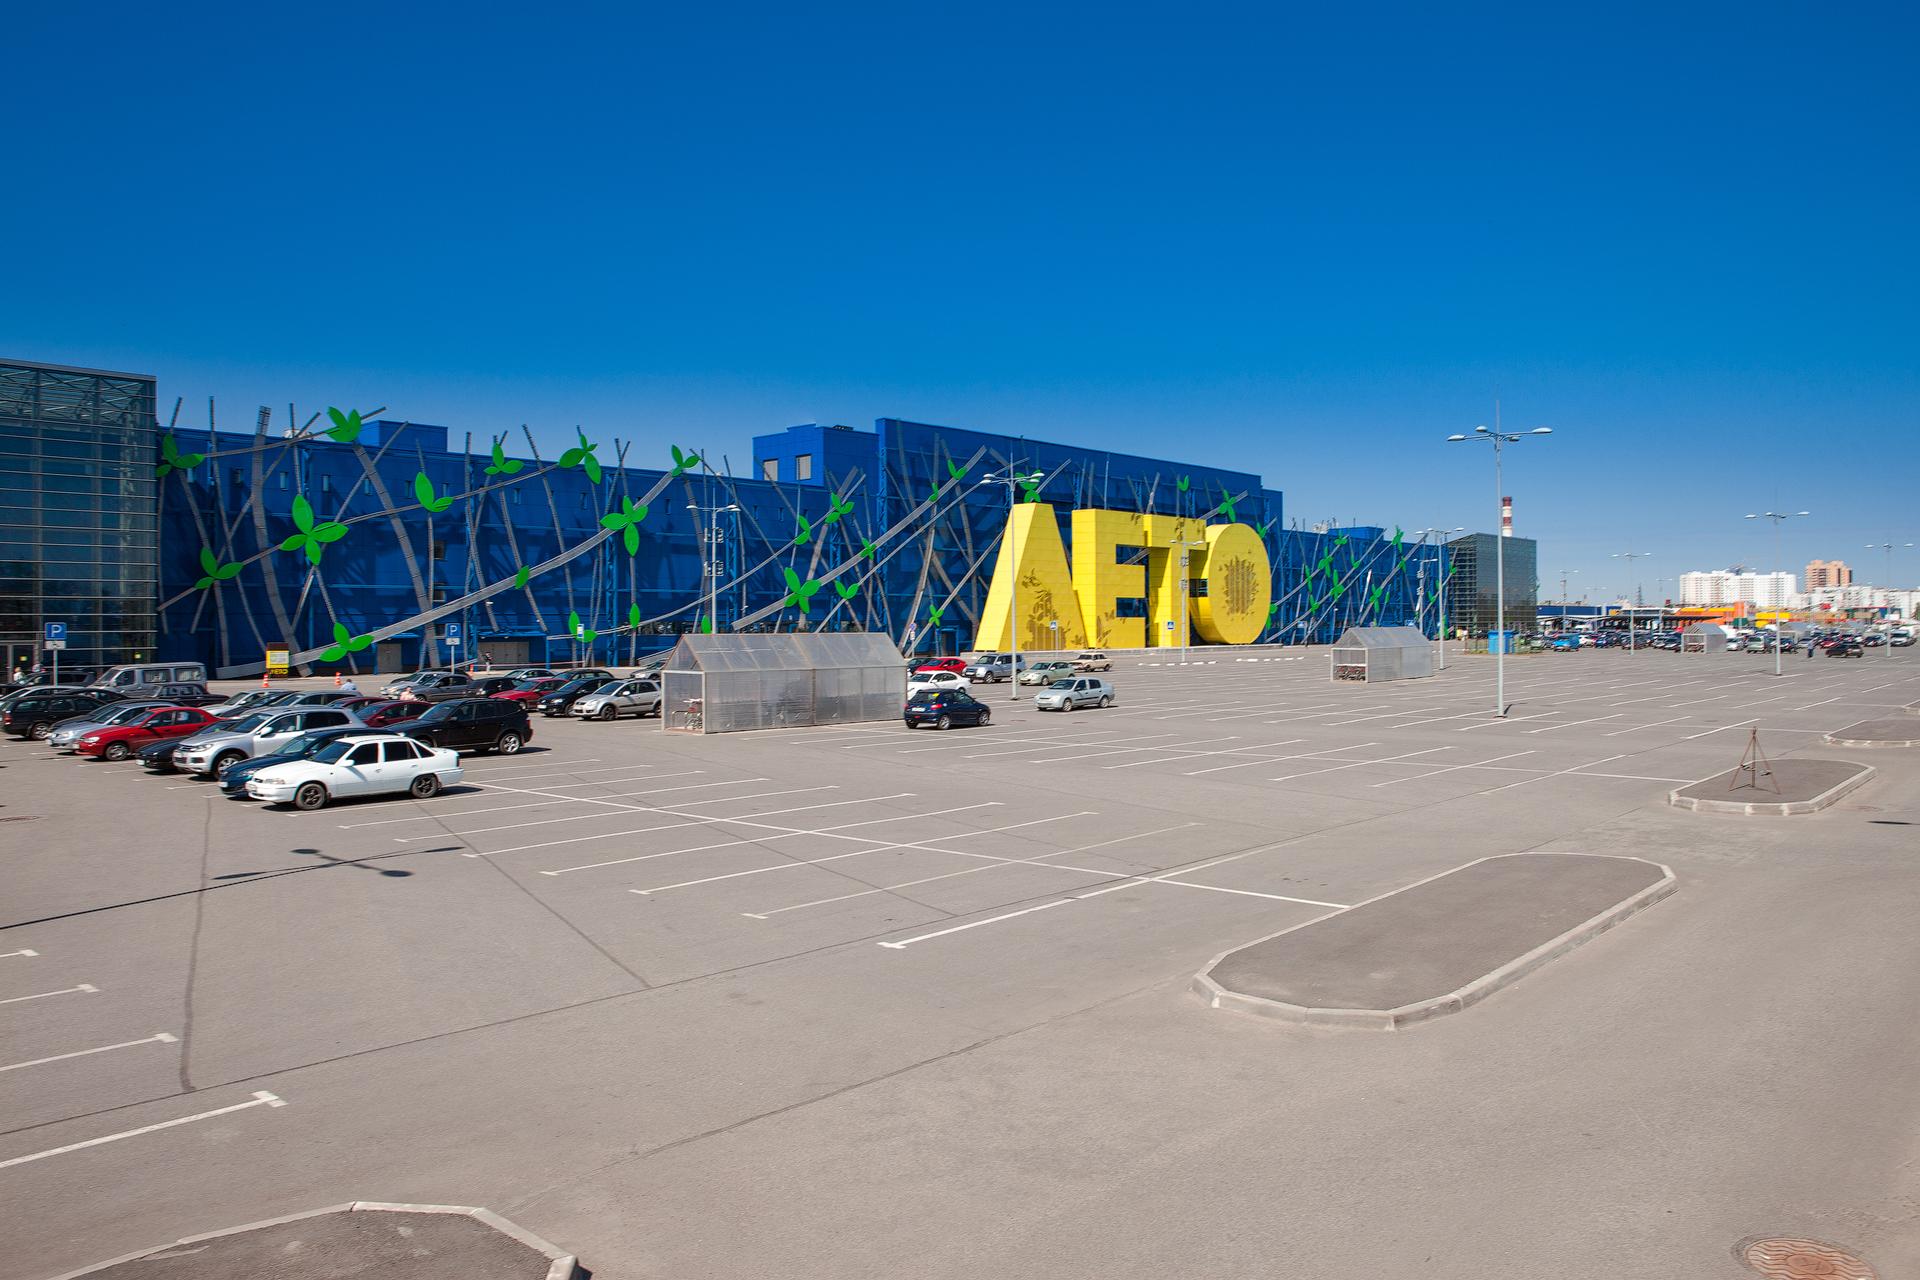 Торговый центр Лето, Санкт-Петербург